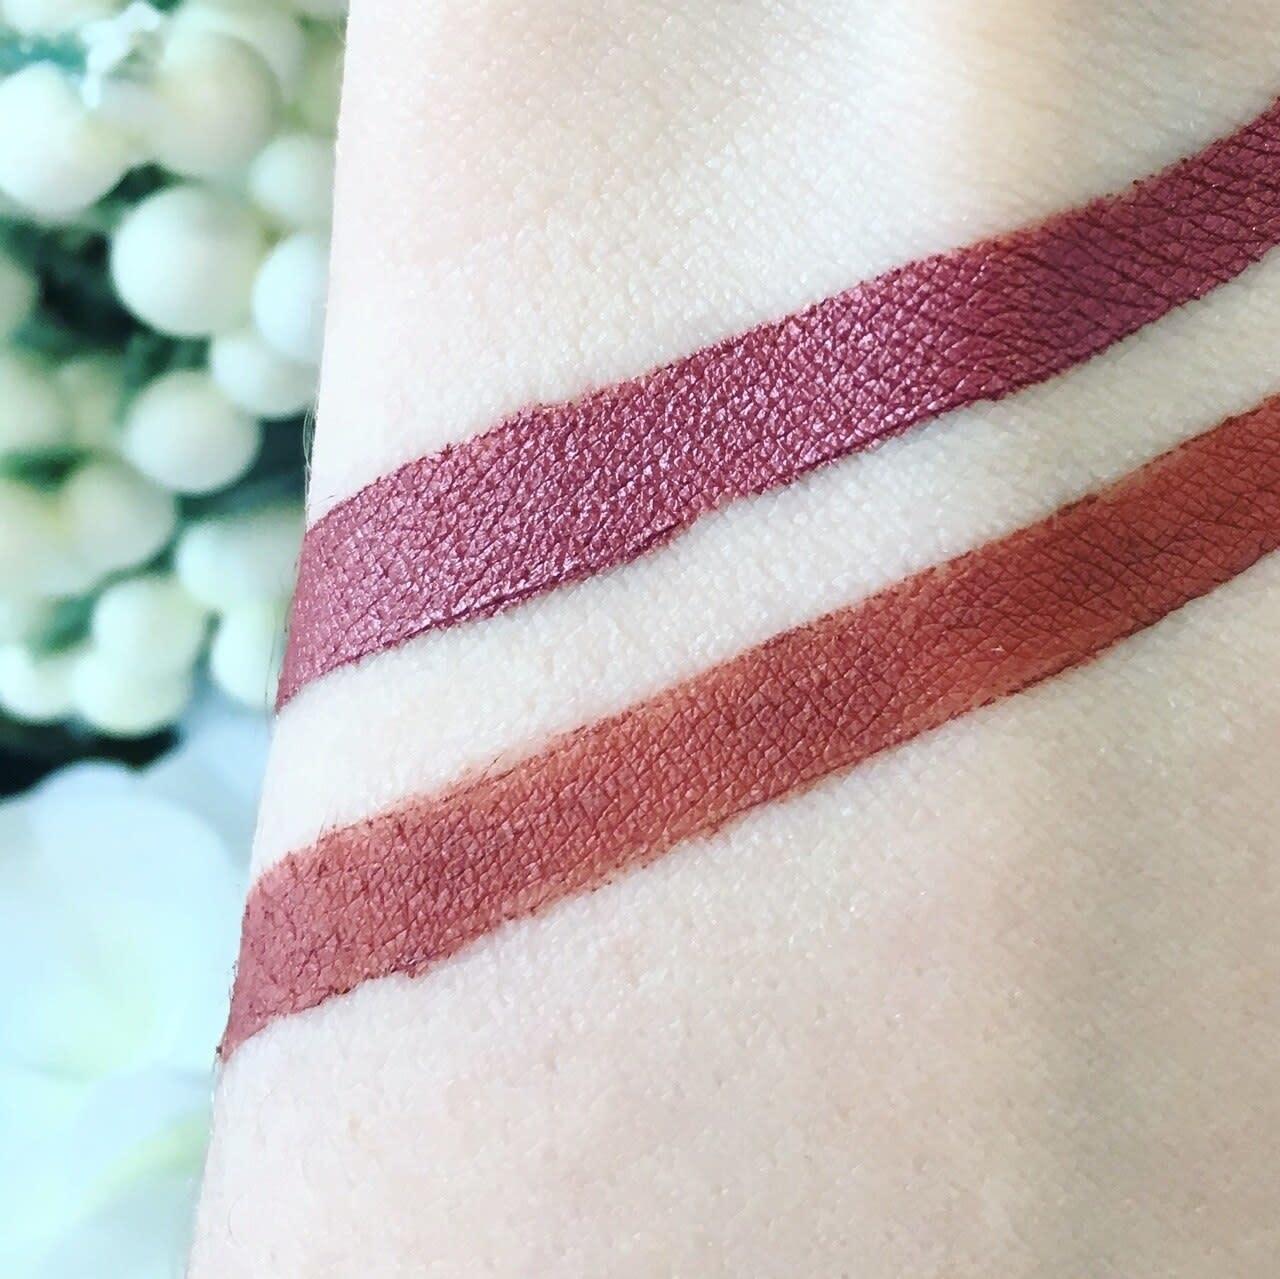 Lip Pencil - Berry-2